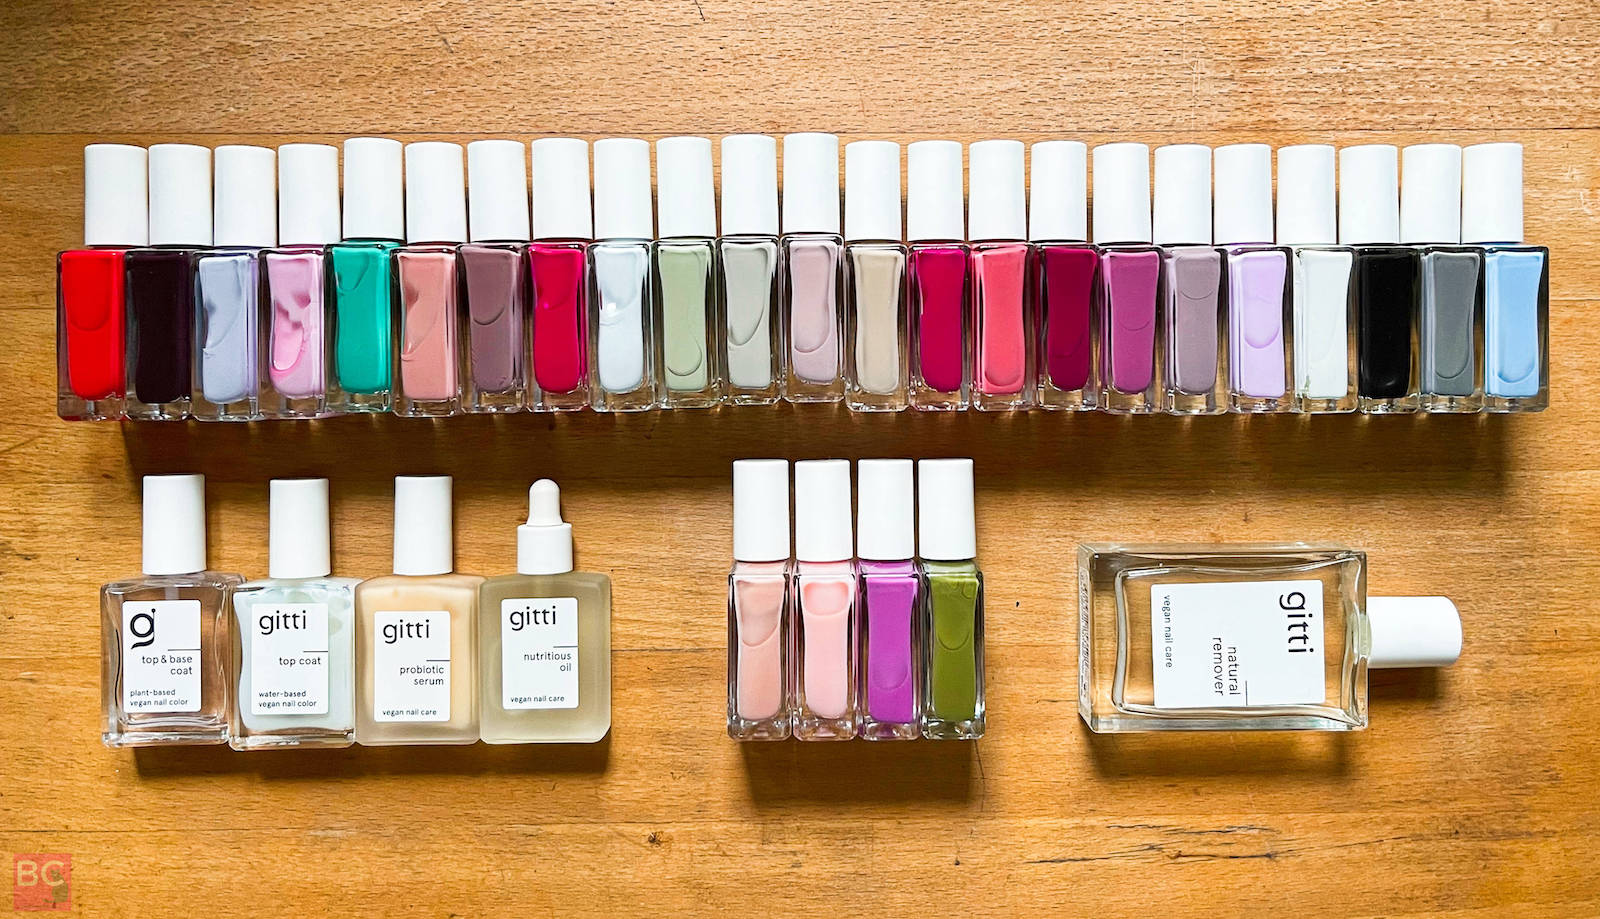 Gitti Nagellack Erfahrungen Produkte Farbauswahl Palette Rottöne blau grün